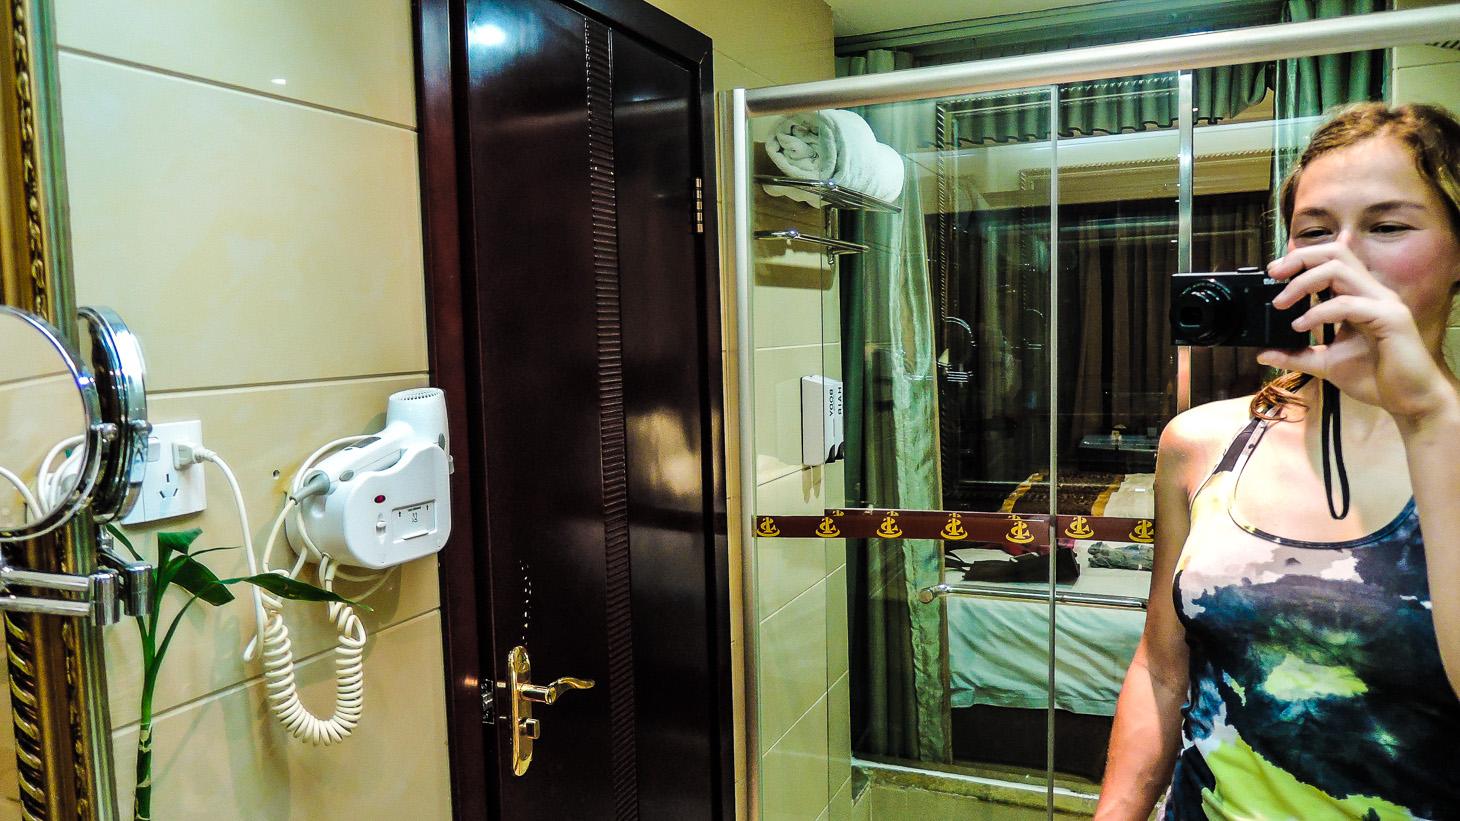 Prosklené pokoje se zrcadly umožňovaly různé kreace.